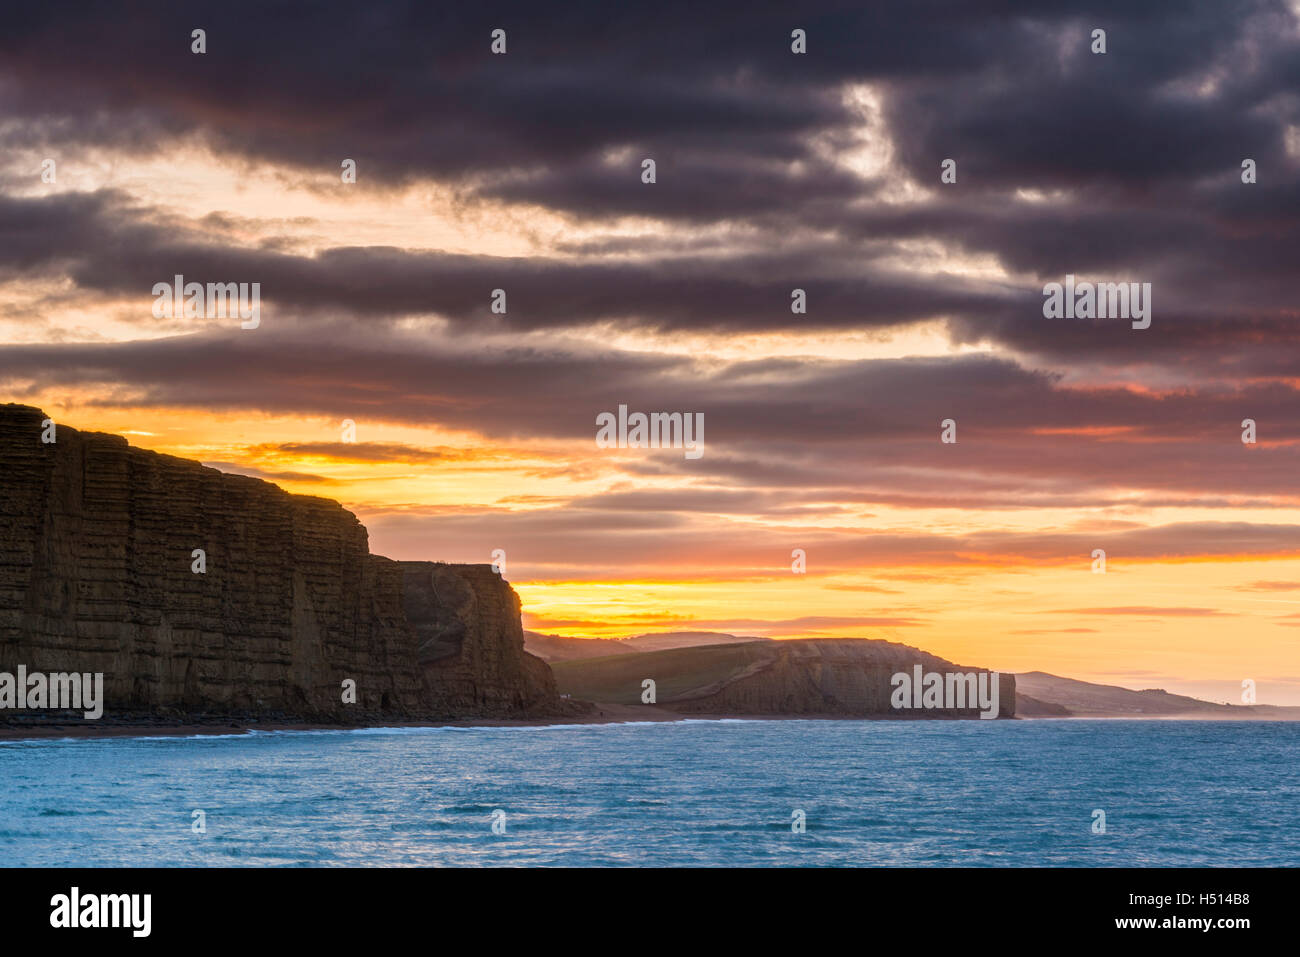 West Bay, Dorset, UK.  19th October 2016.  UK Weather.  Spectacular sunrise at West Bay on the Jurassic Coast of - Stock Image